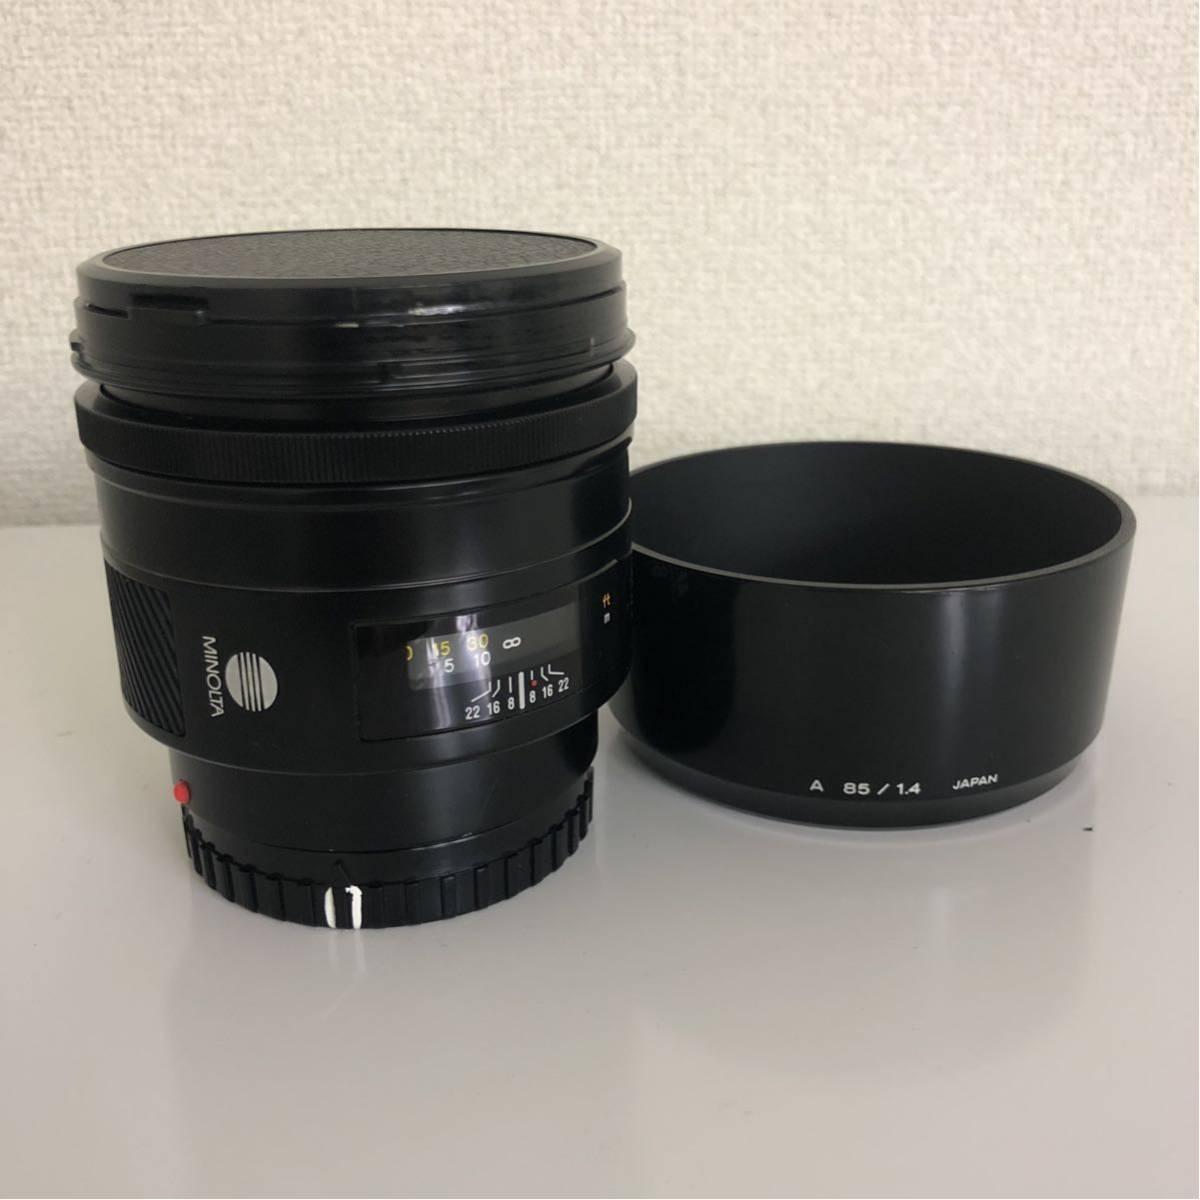 [カメラレンズ]ミノルタ/MINOLTA AF LENS 85mm 1:1.4(22)